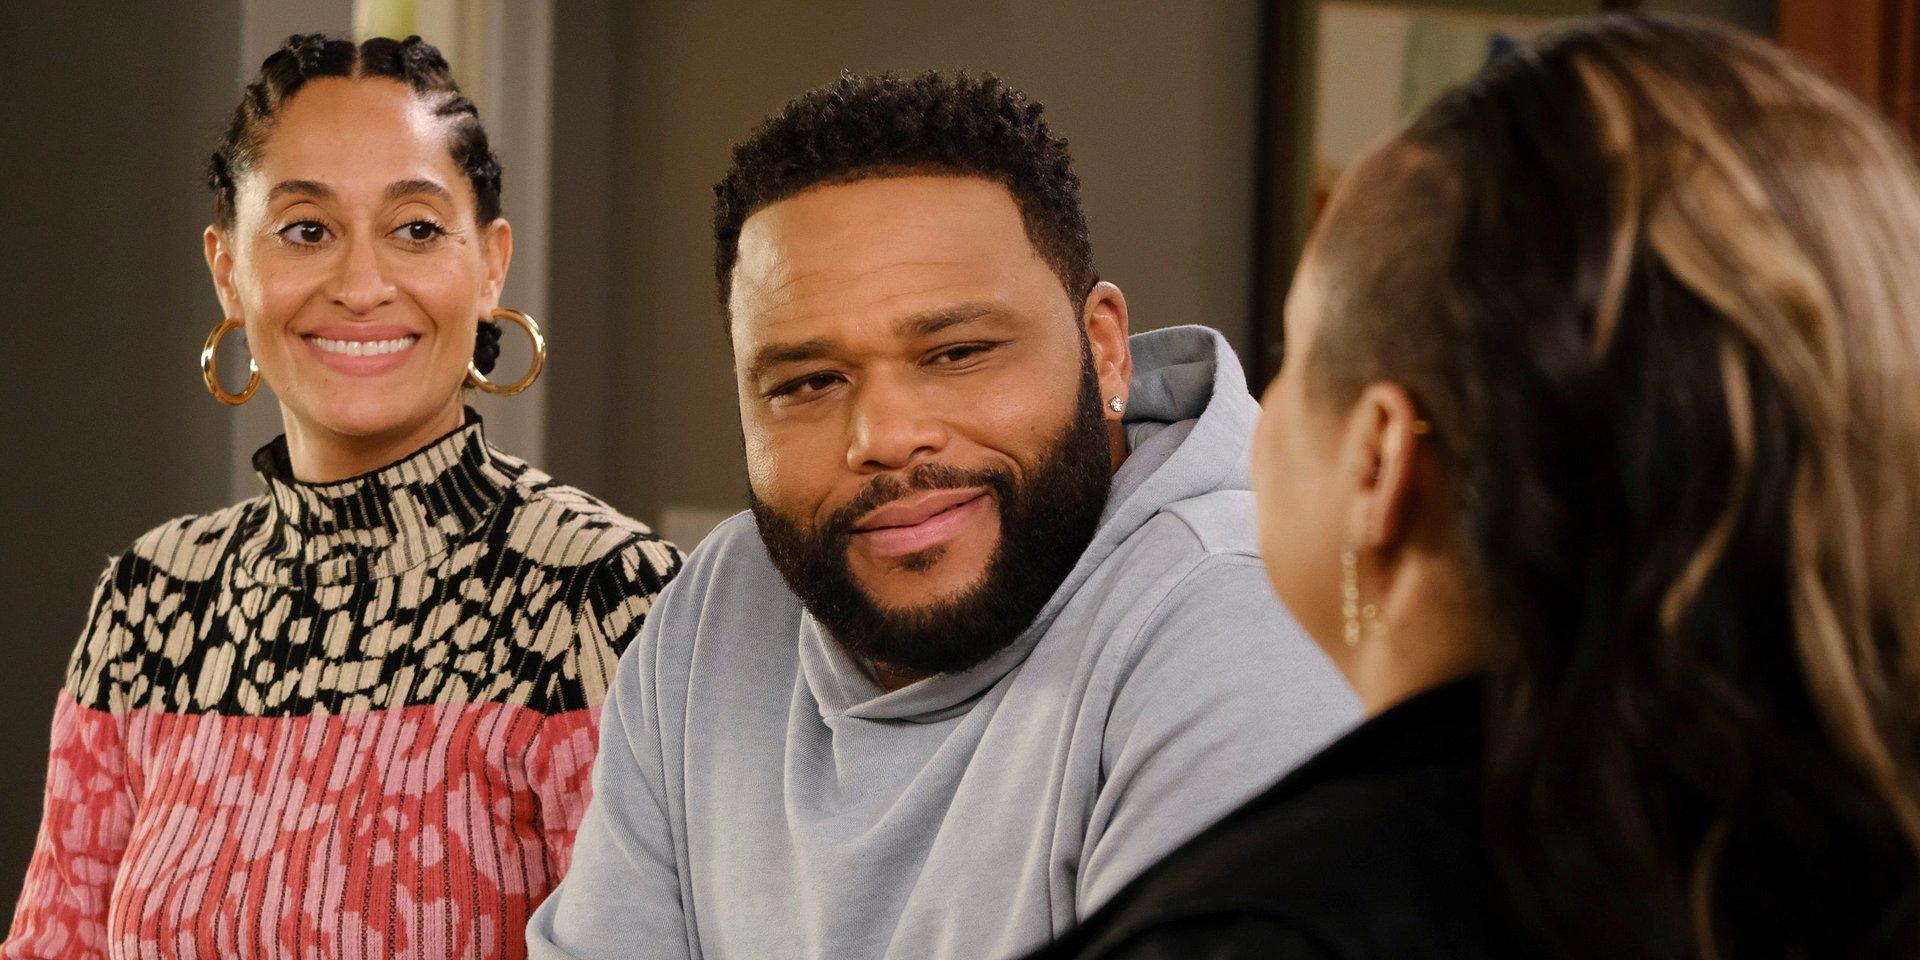 Życiowe problemy w komediowym ujęciu. Piąty sezon Czarno to widzę od soboty 8 czerwca na FOX Comedy!